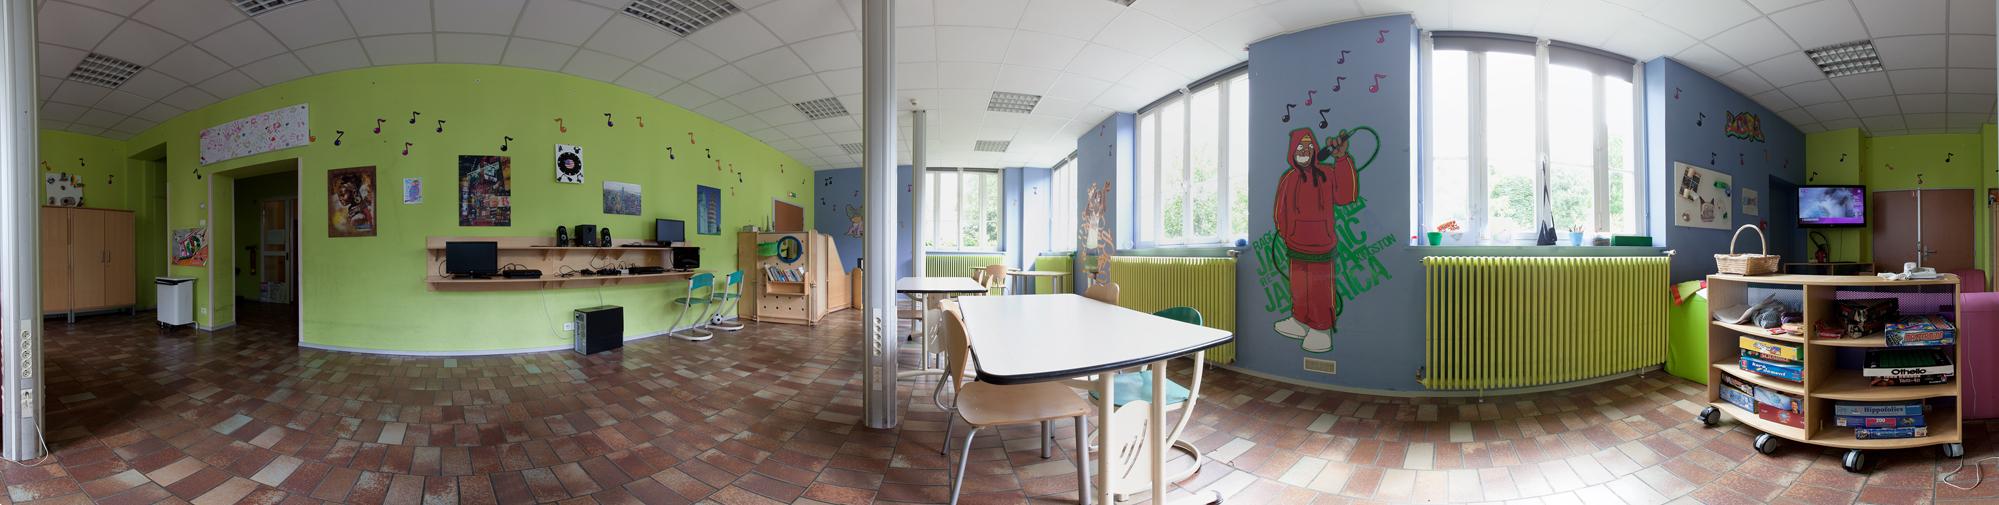 Cette salle constitue une des 4 salles d'activités éducatives disponibles au rez-de-chaussée du secteur pédiatrique. Celle-ci est dédiée aux adolescents.